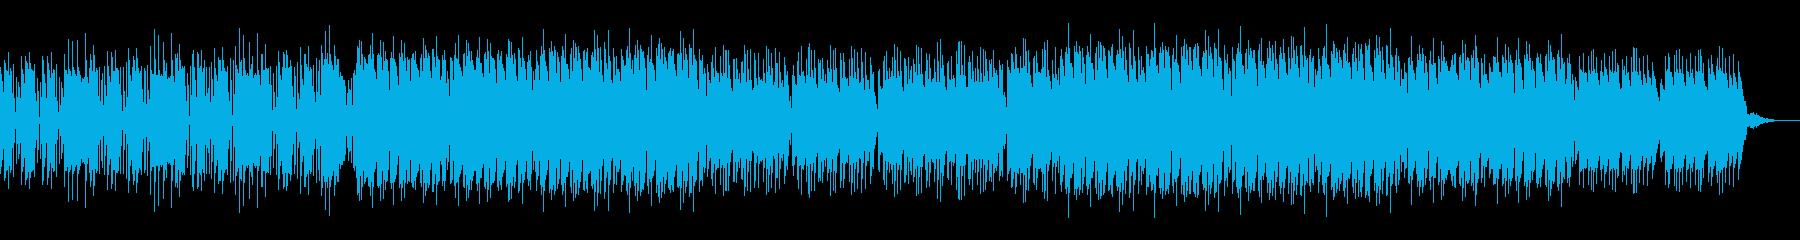 レース、ゲーム系 スピード感ある楽曲の再生済みの波形